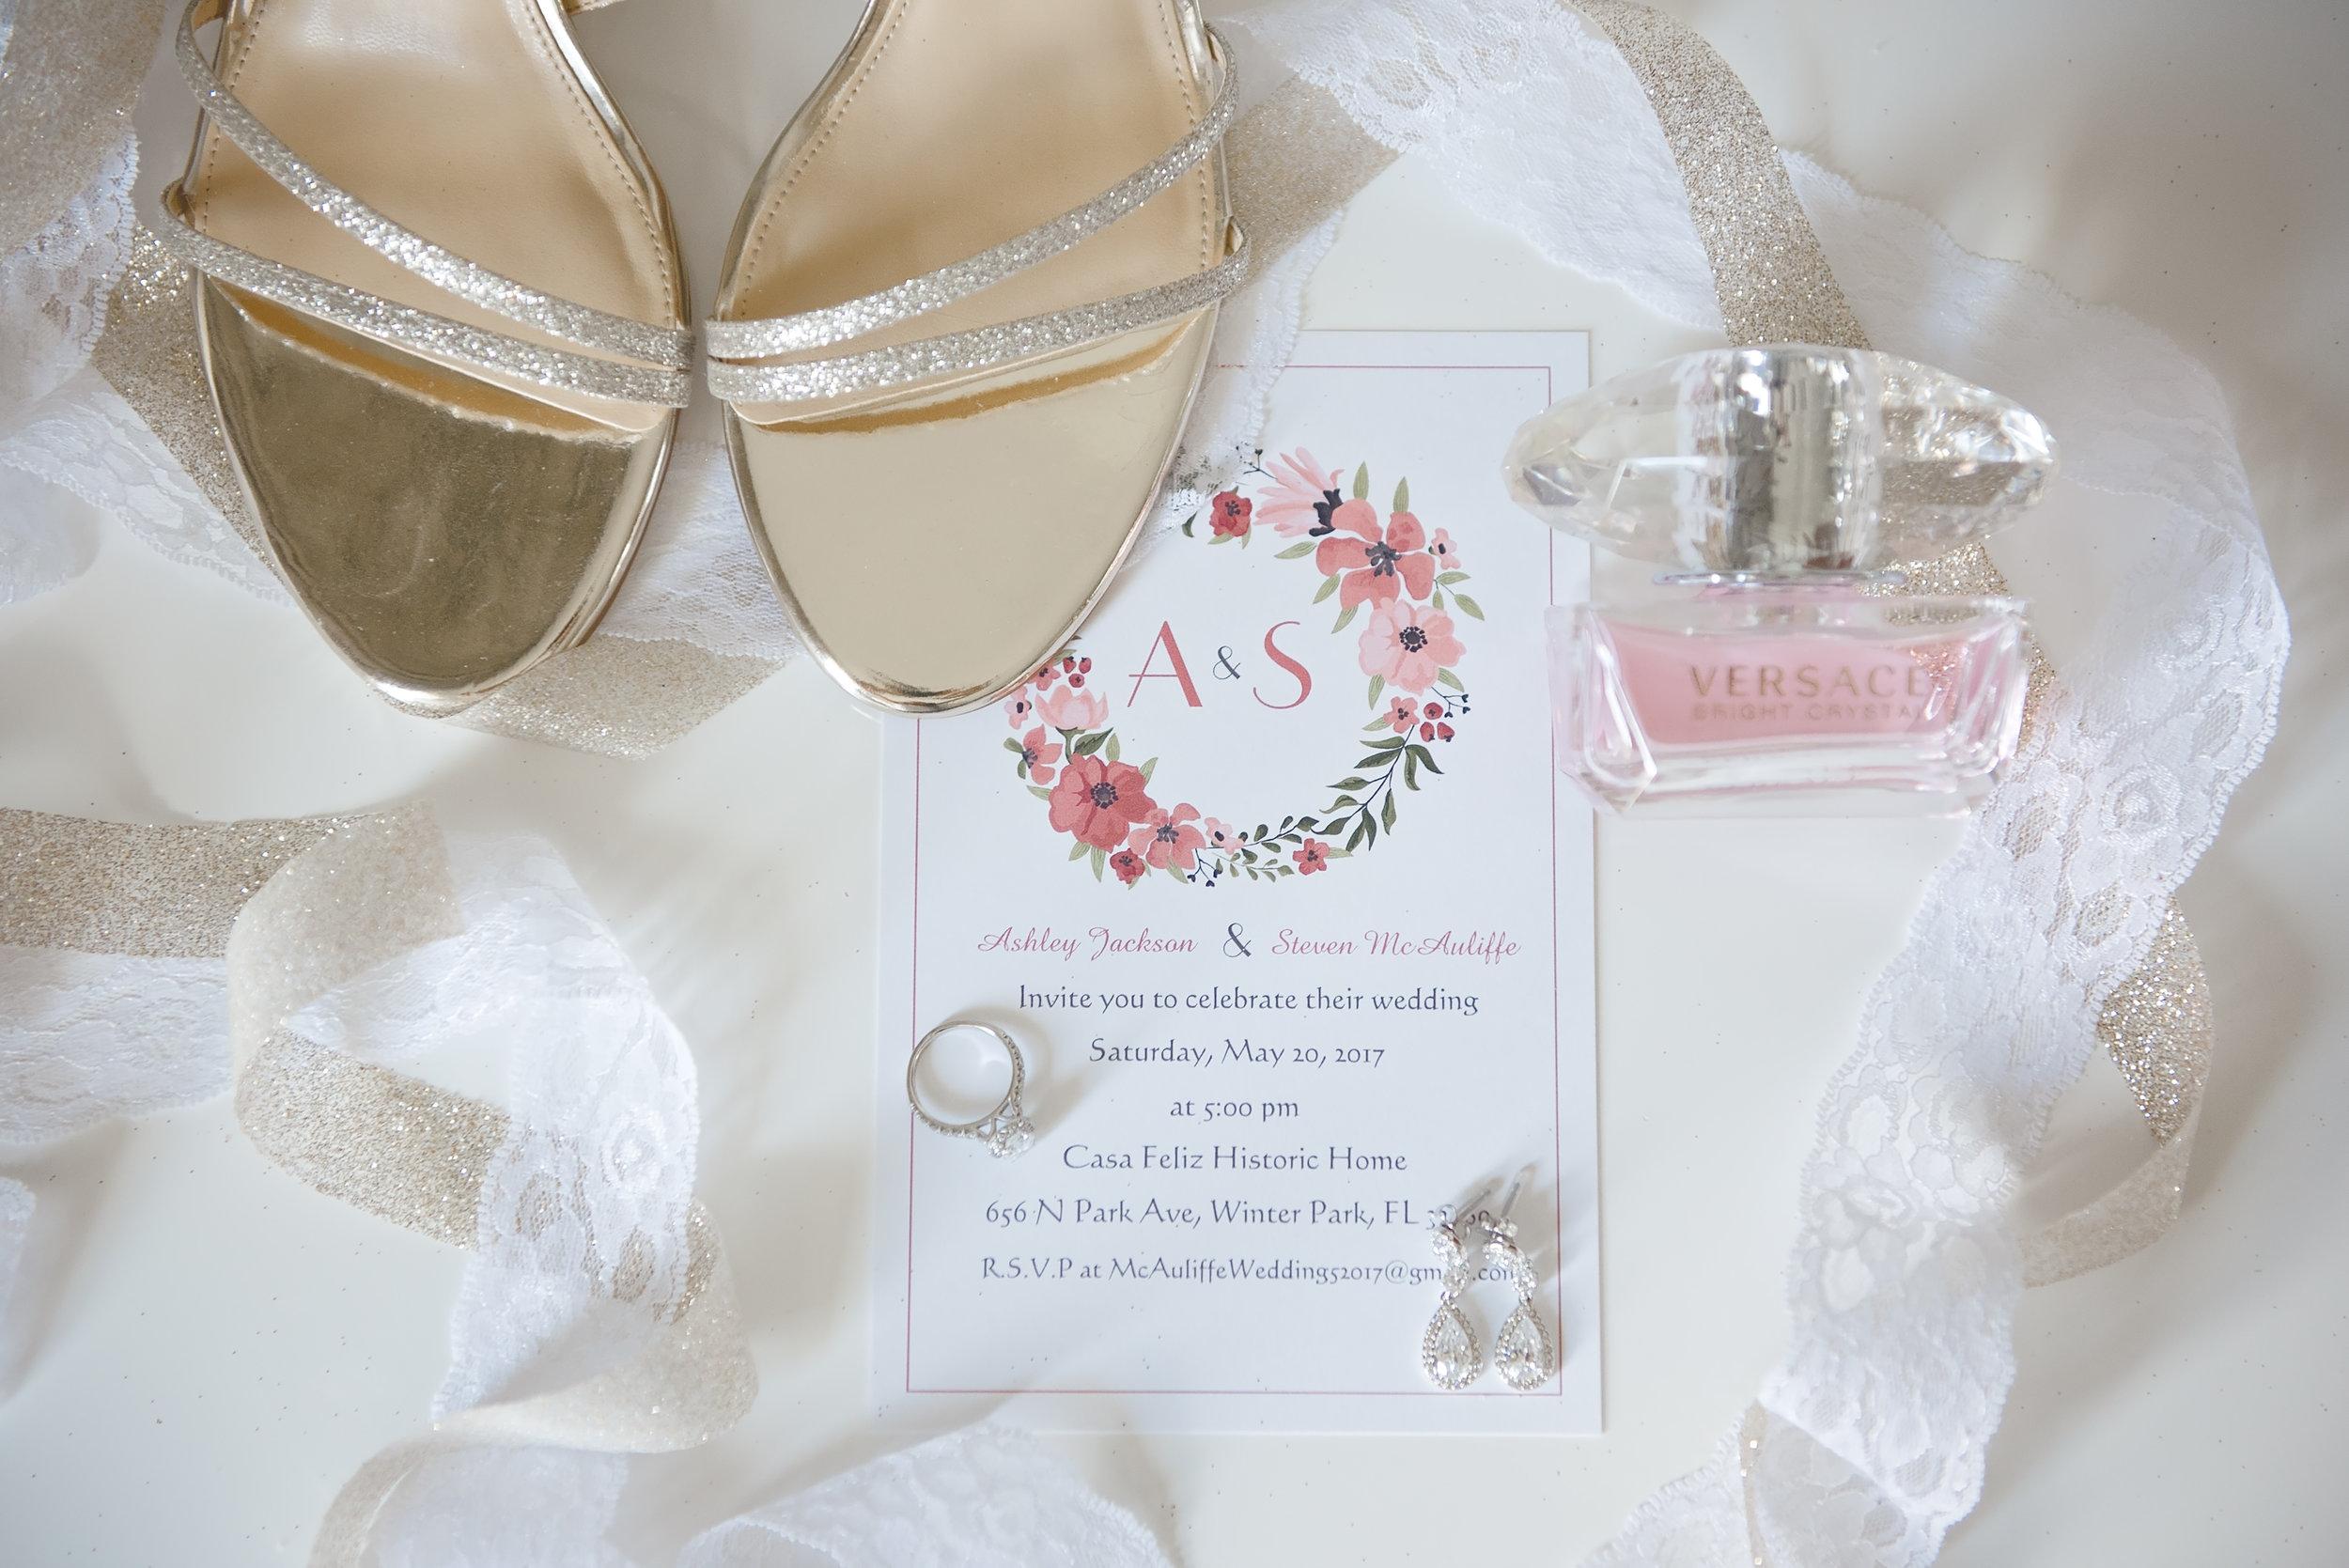 Floral Wedding Invitations - Blush and White Wedding - Los Feliz Wedding